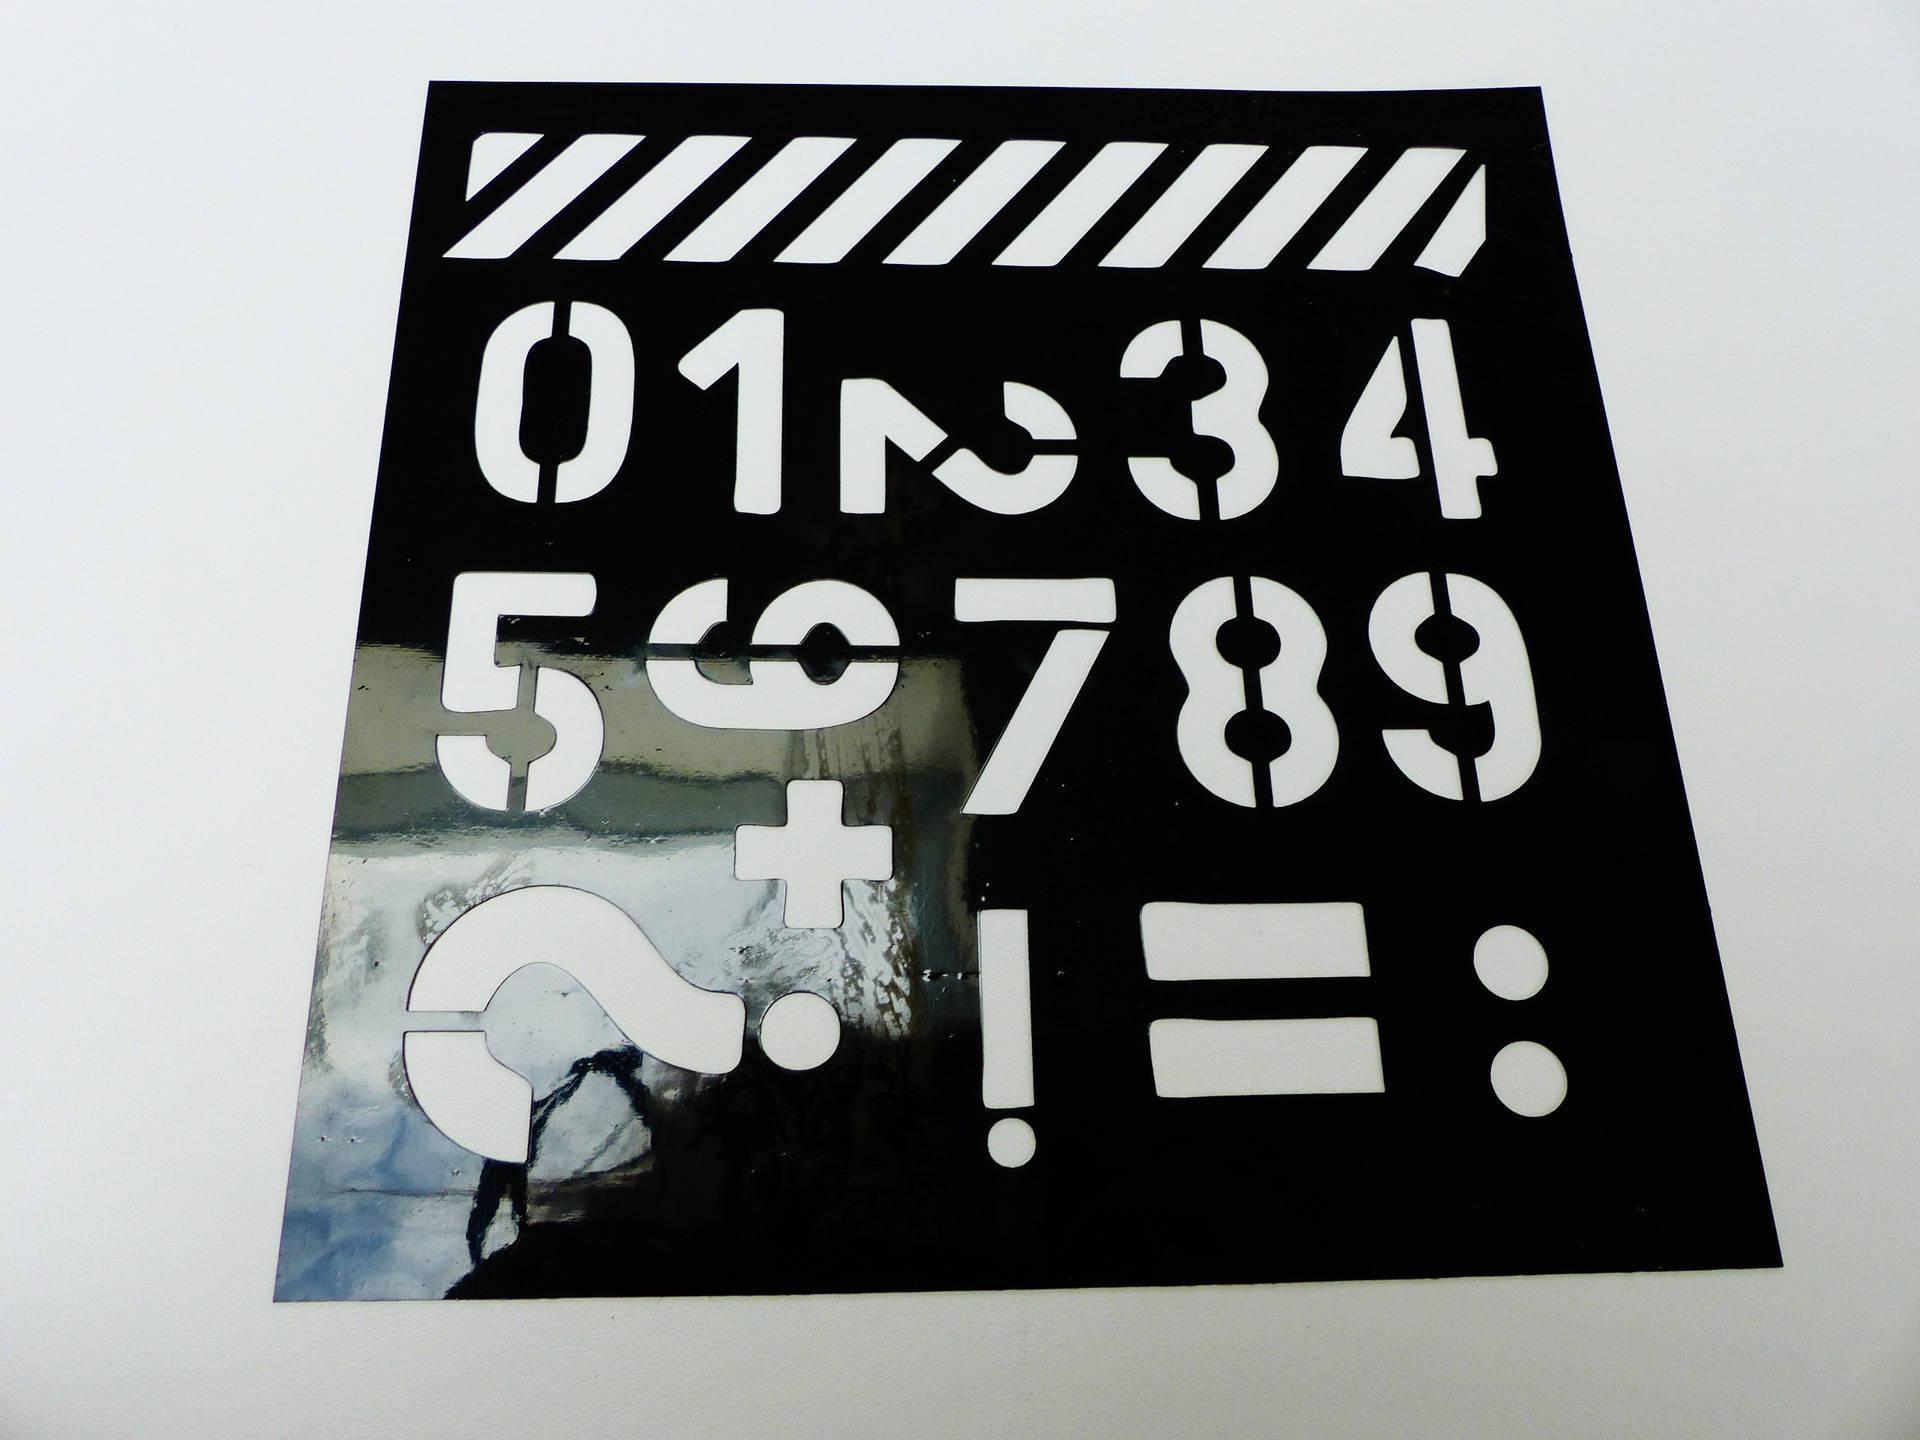 pochoir souple chiffre numéro  carré de 15 centimètres